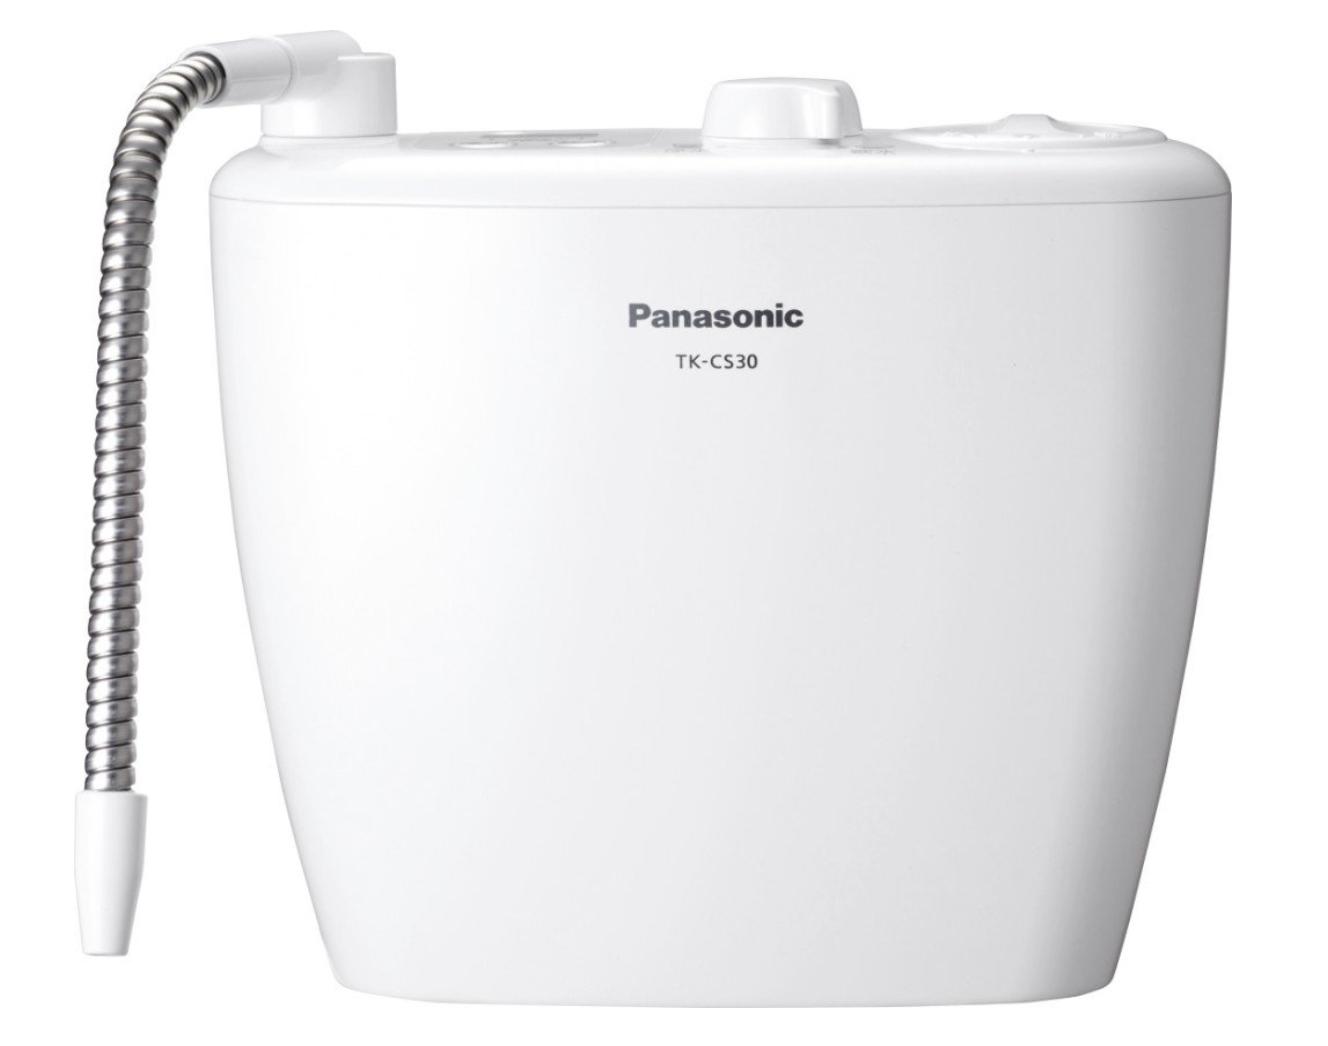 パナソニック 浄水器 TK-CS30-W